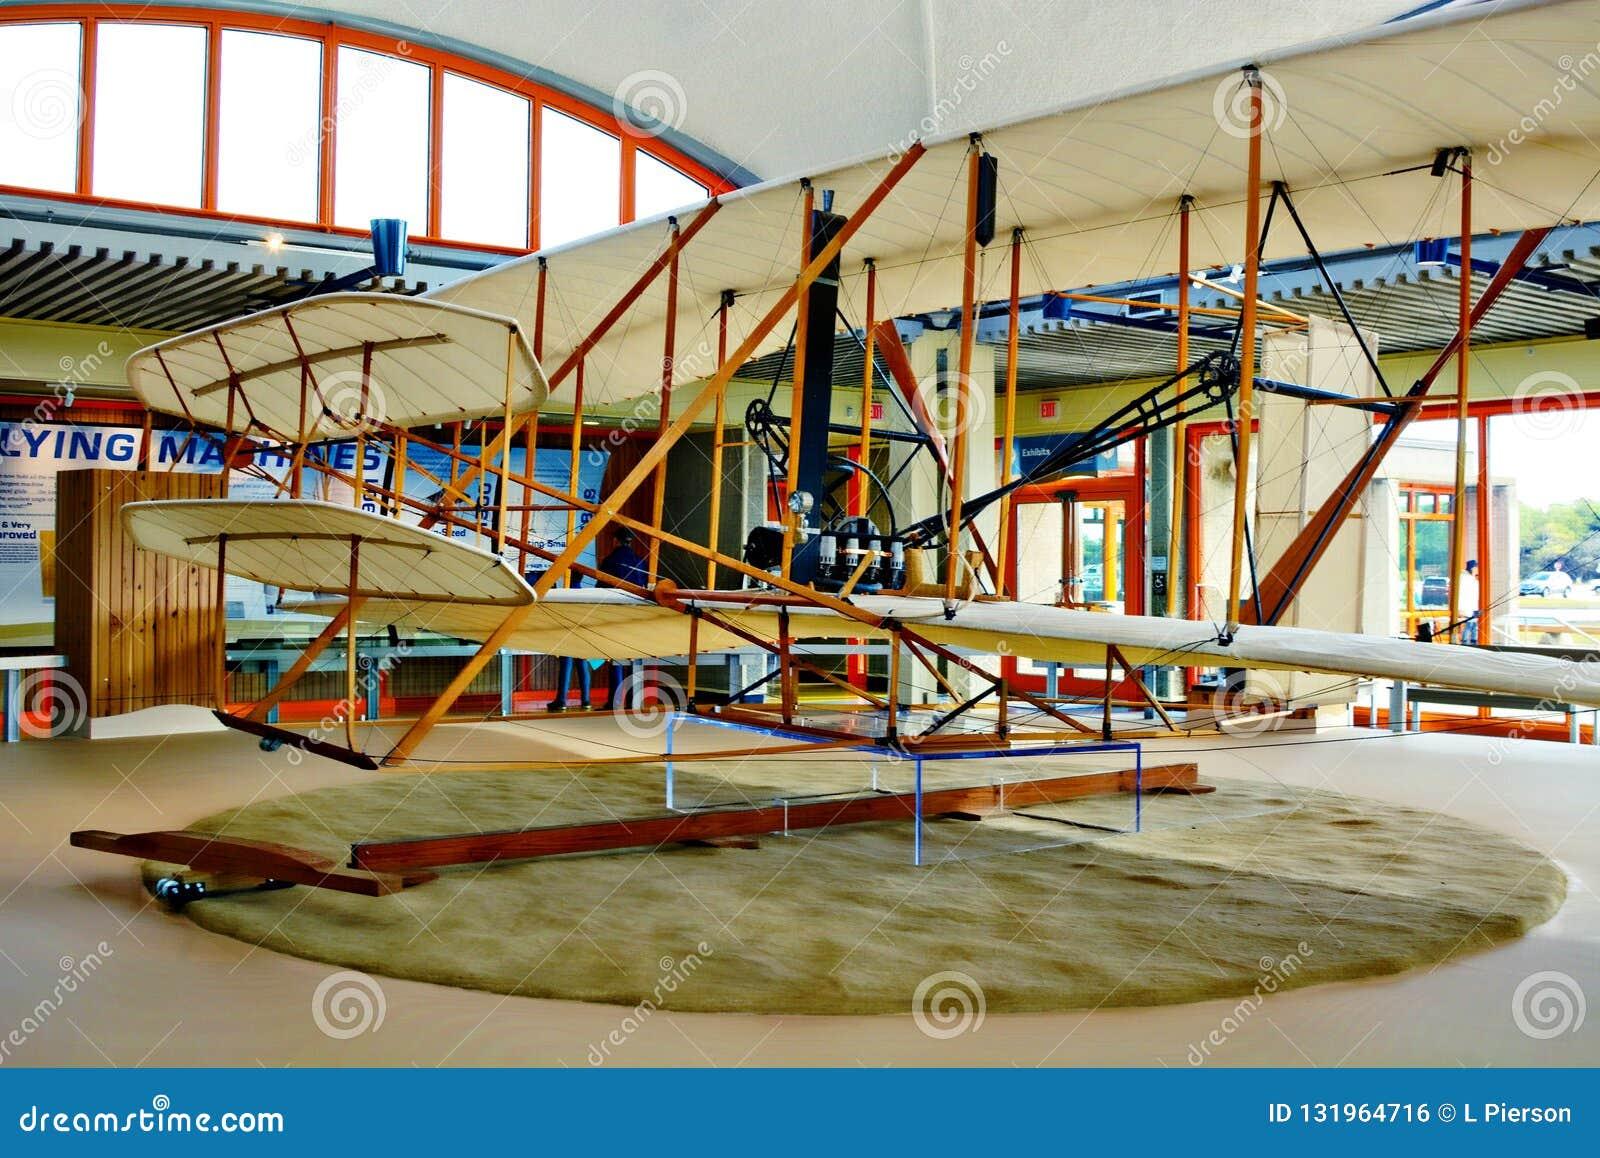 怀特兄弟的首先飞行了注视着同显示一样他们的纪念地点的飞机